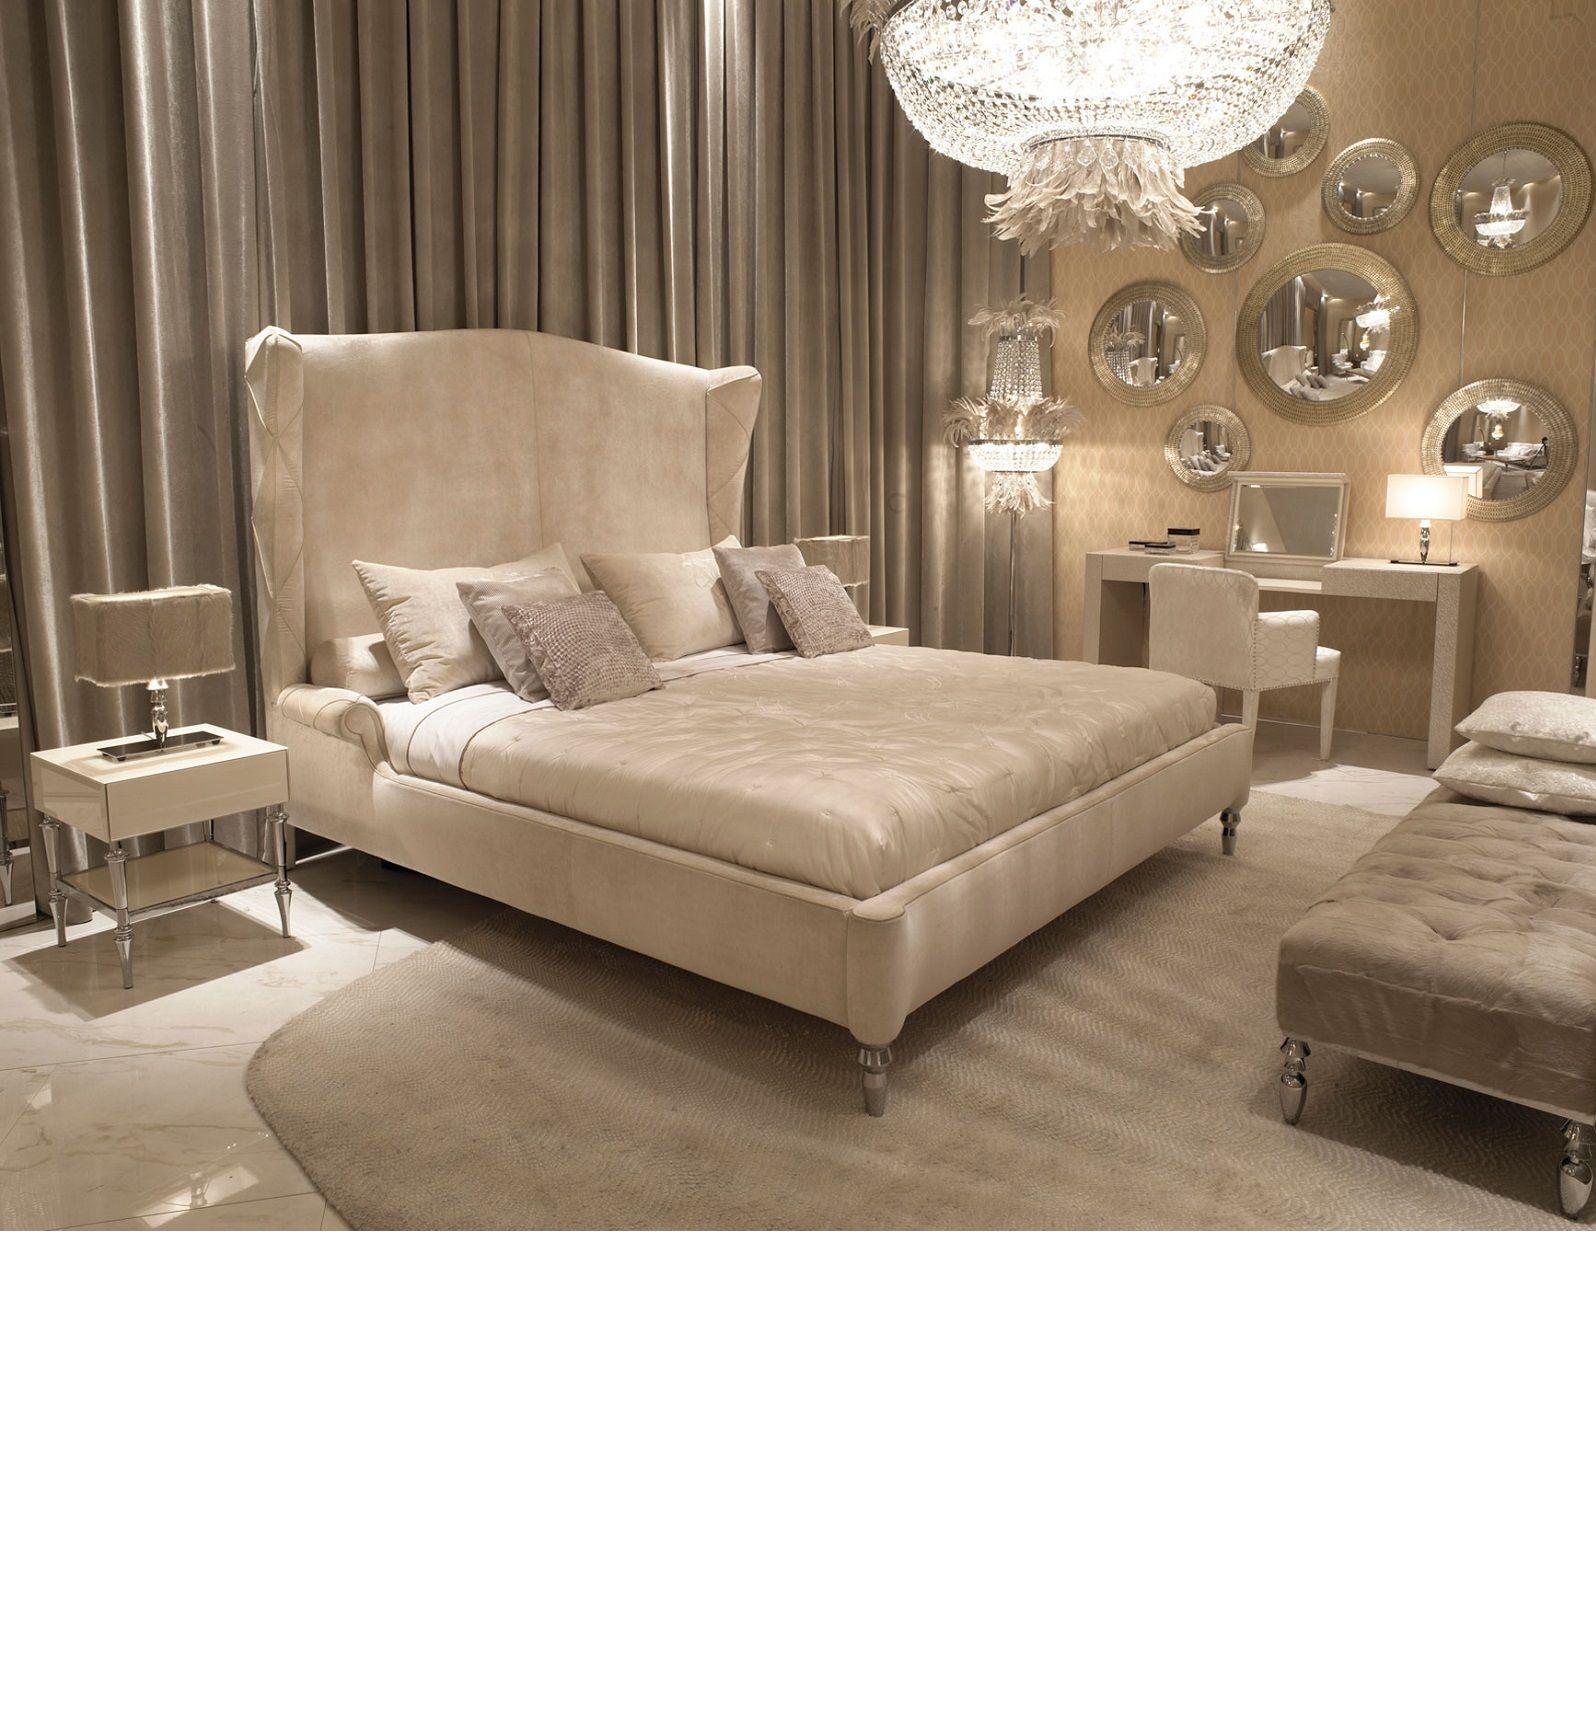 Luxury Interior Design, Ultra High End Signature